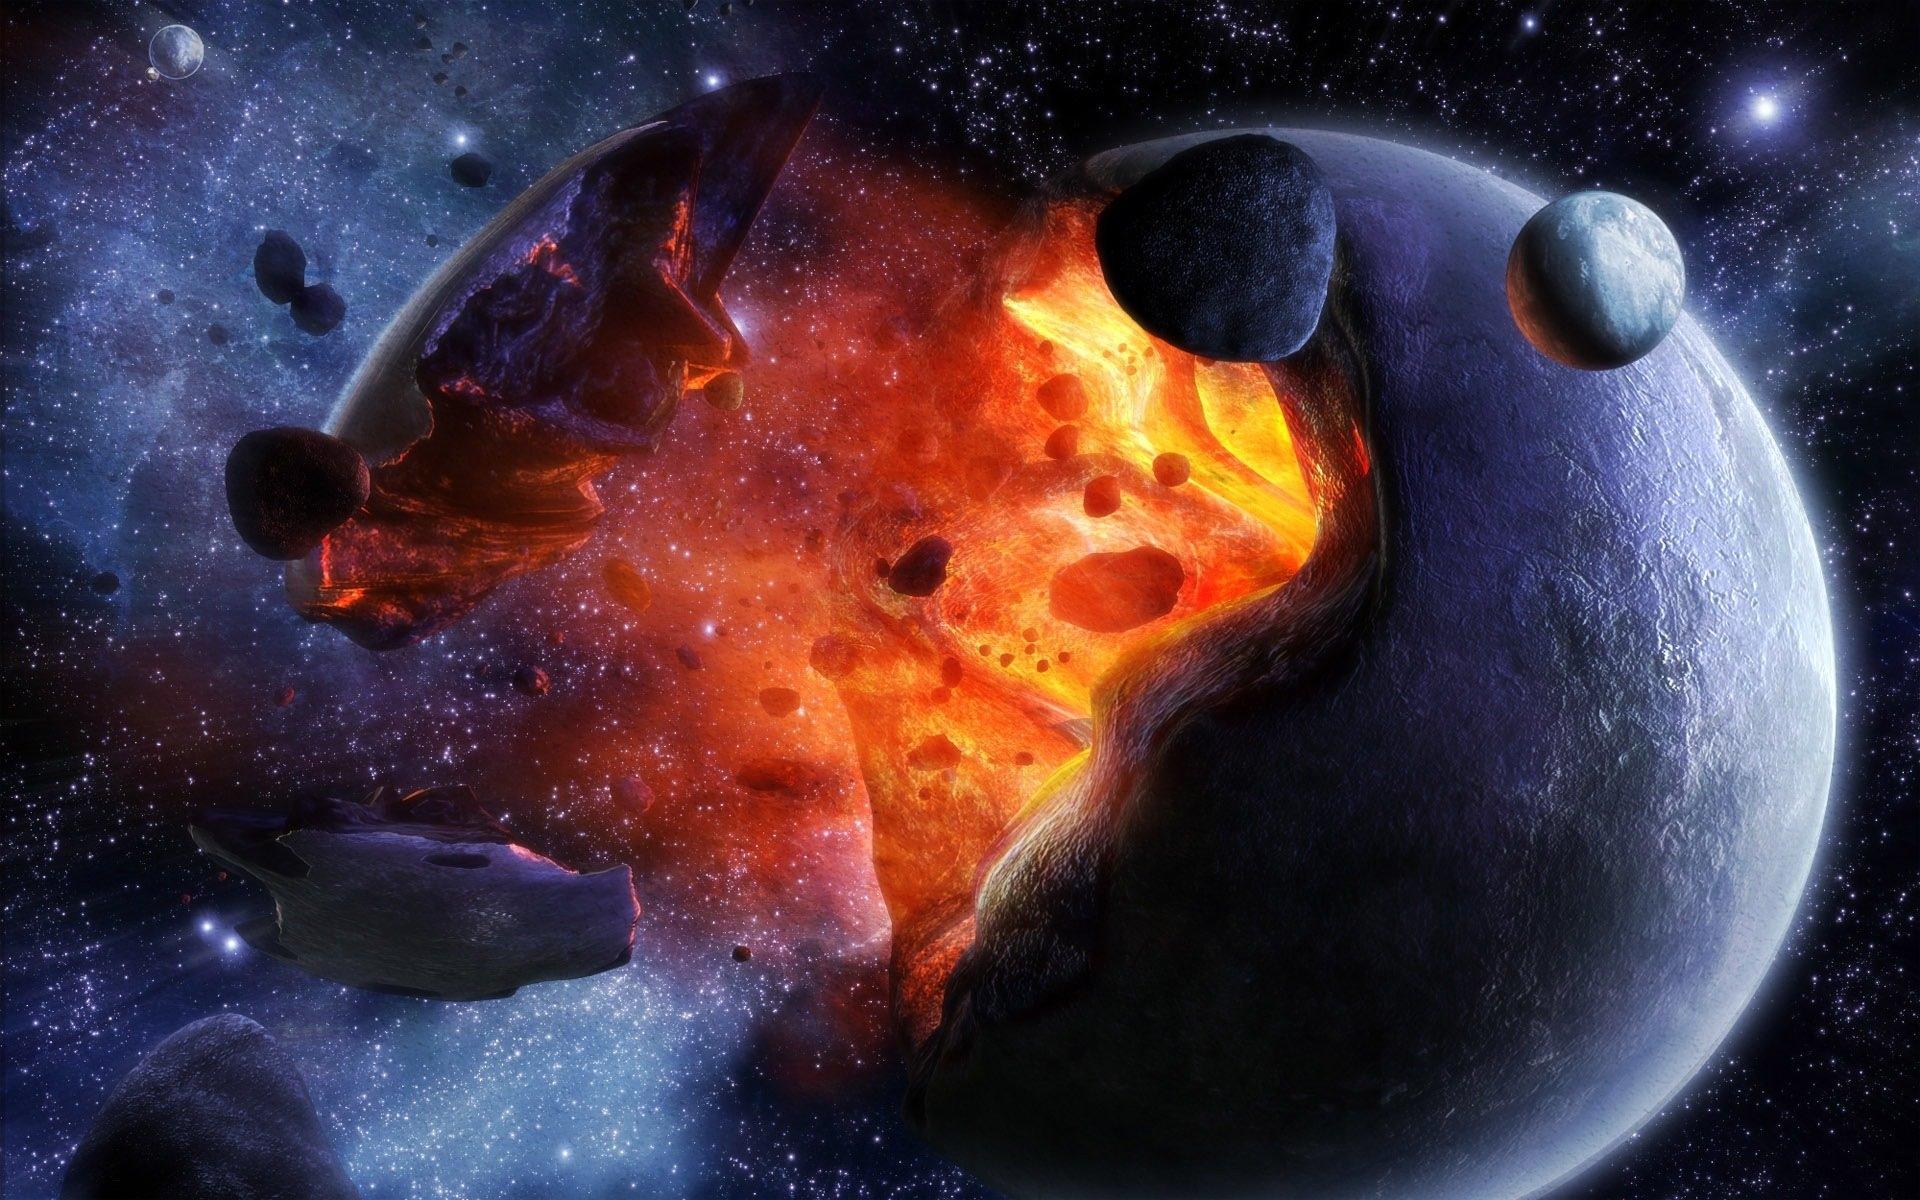 Обои Взрывы на планетах картинки на рабочий стол на тему Космос - скачать бесплатно